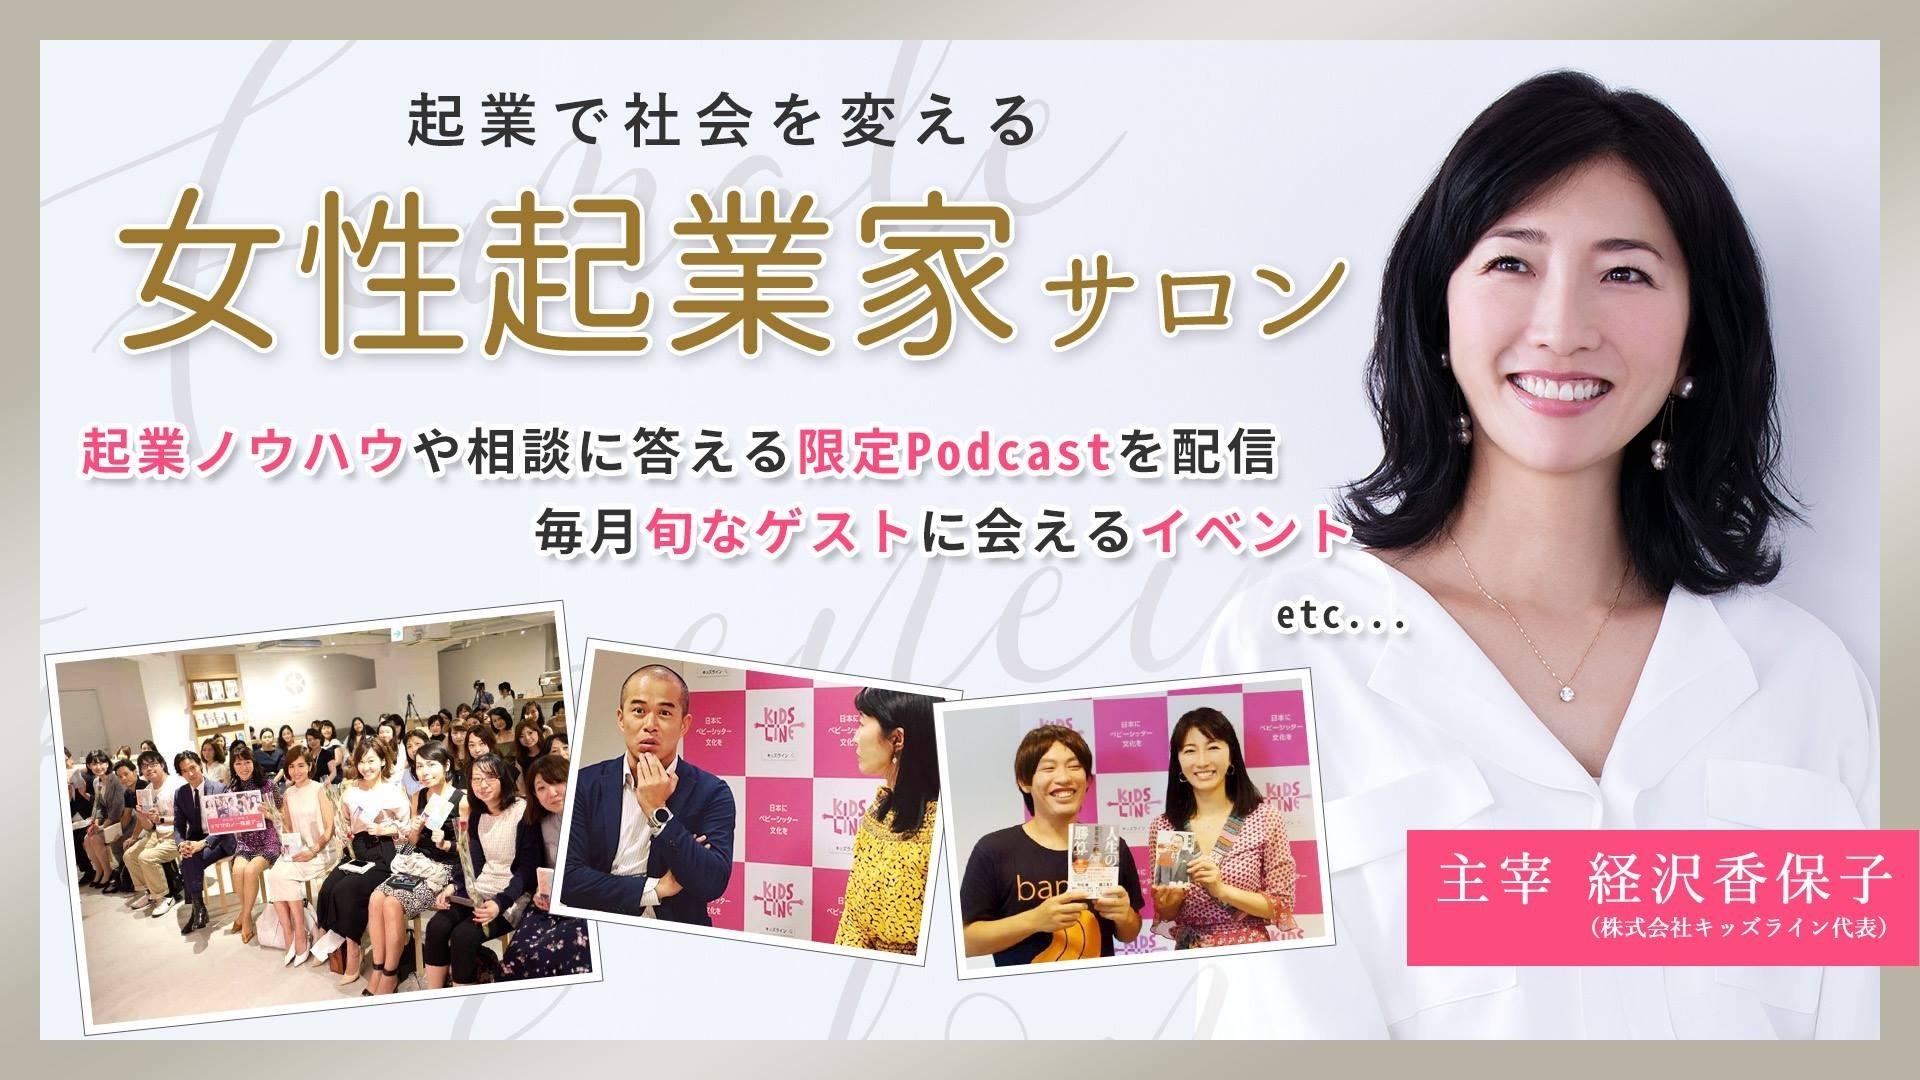 経沢香保子 - 「起業で社会を変える」実践的・女性起業家サロン - DMM オンラインサロン